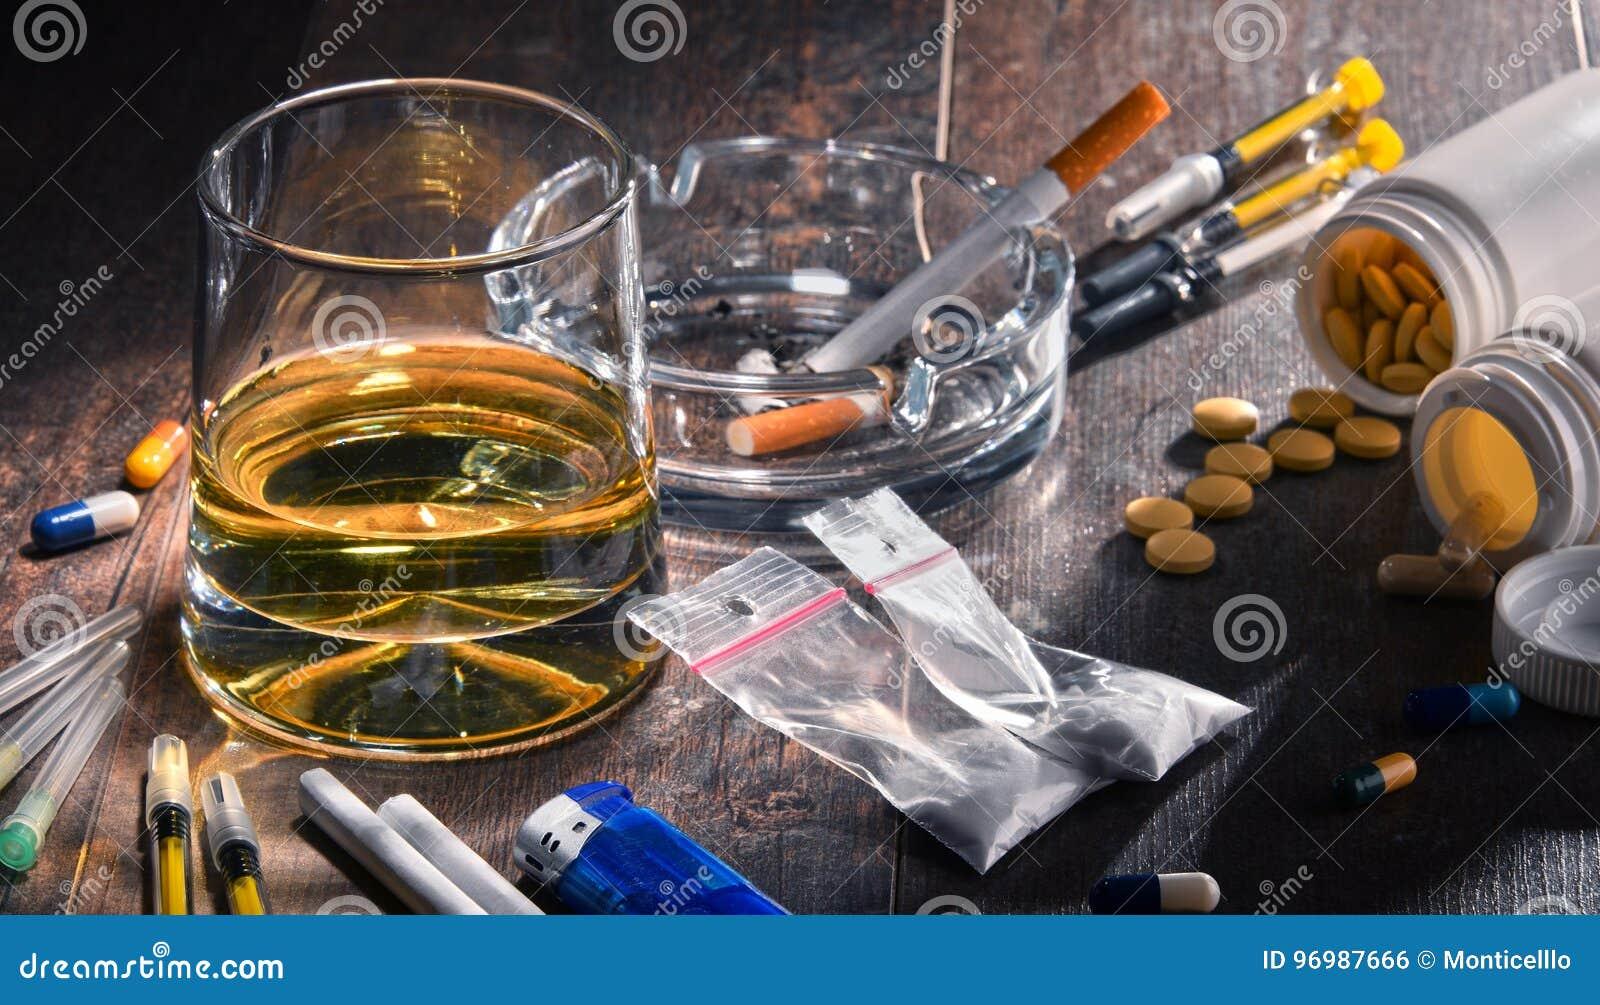 致瘾物质,包括酒精、香烟和药物